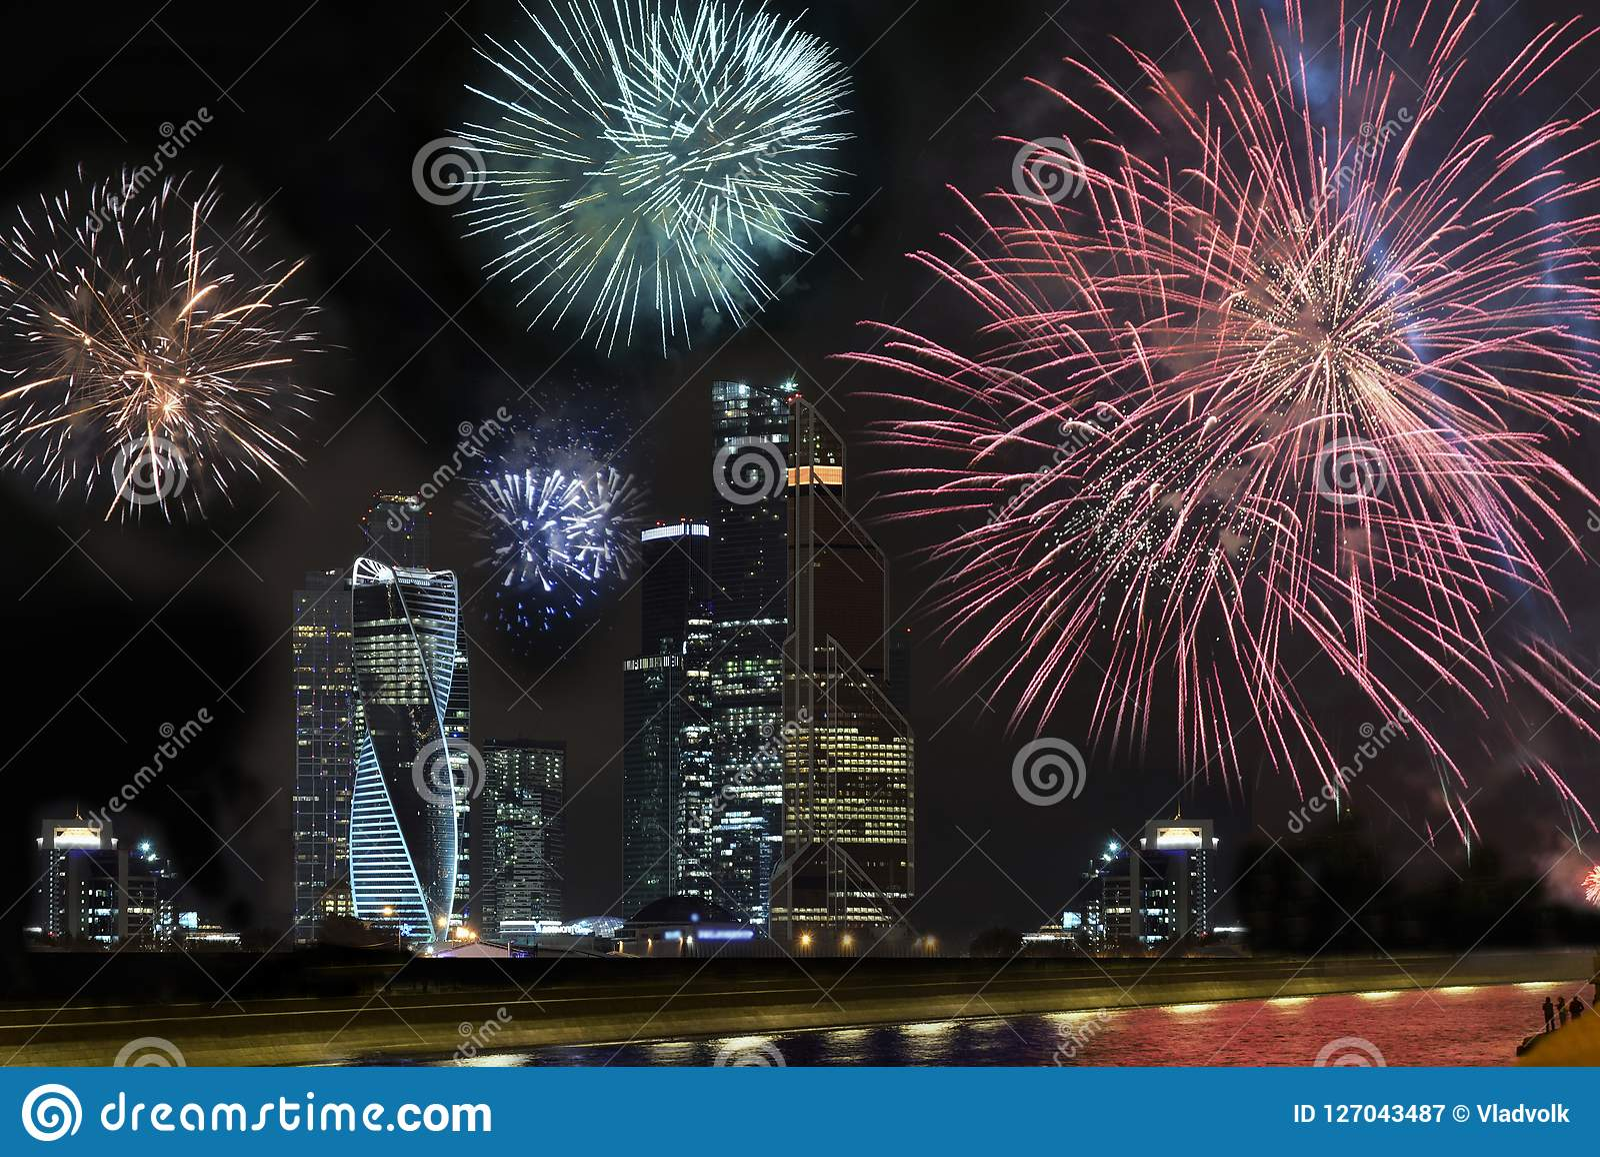 Feier des Chinesischen Neujahrsfests, Feuerwerksshow